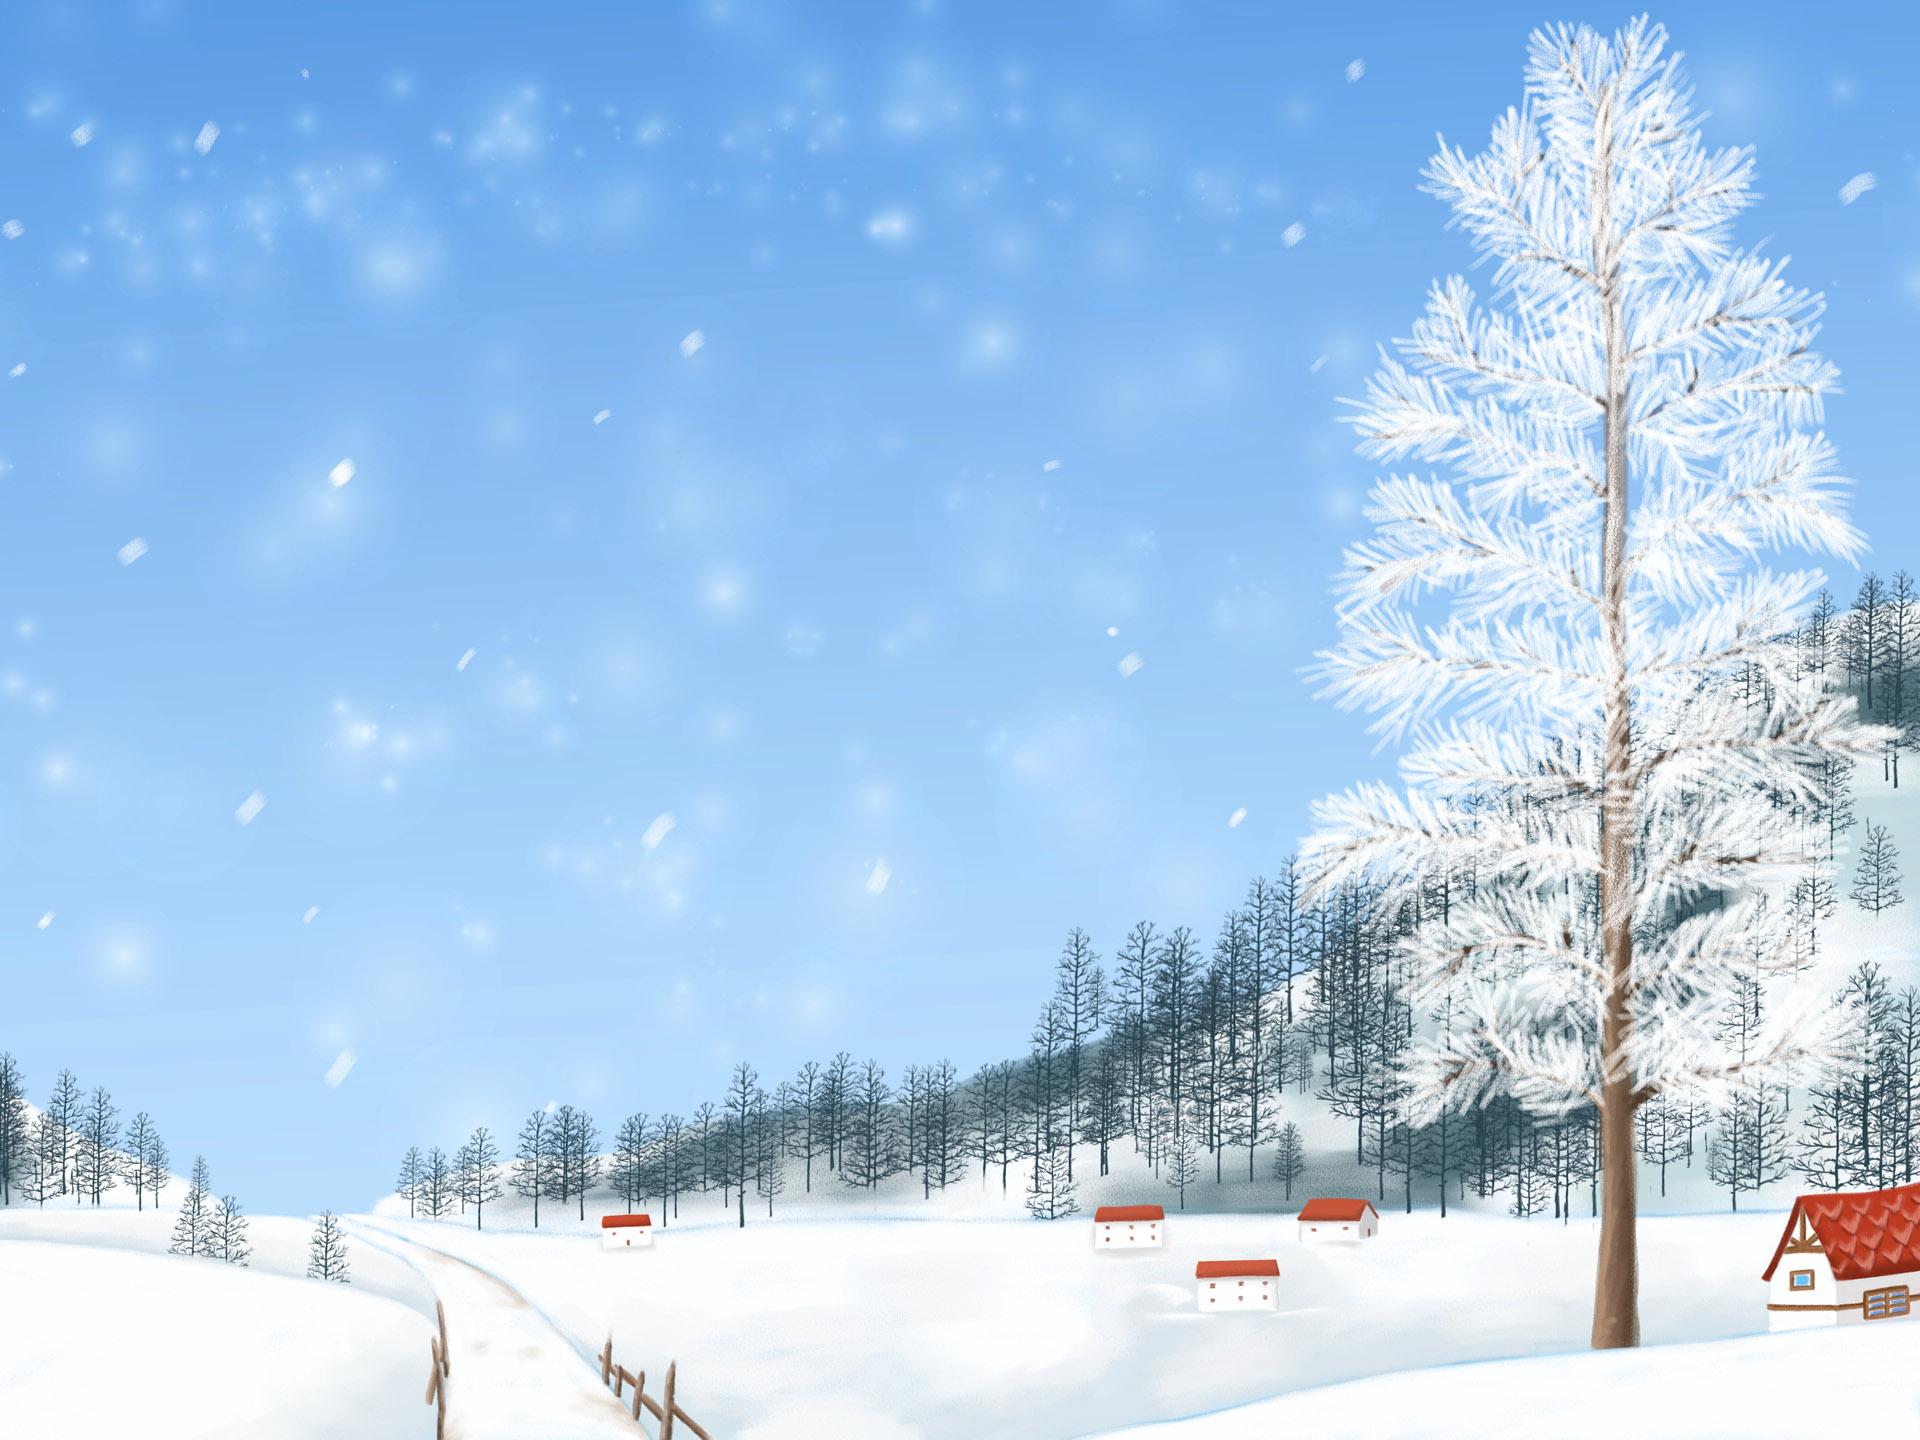 beautiful_season_winter_illustration_art_3004